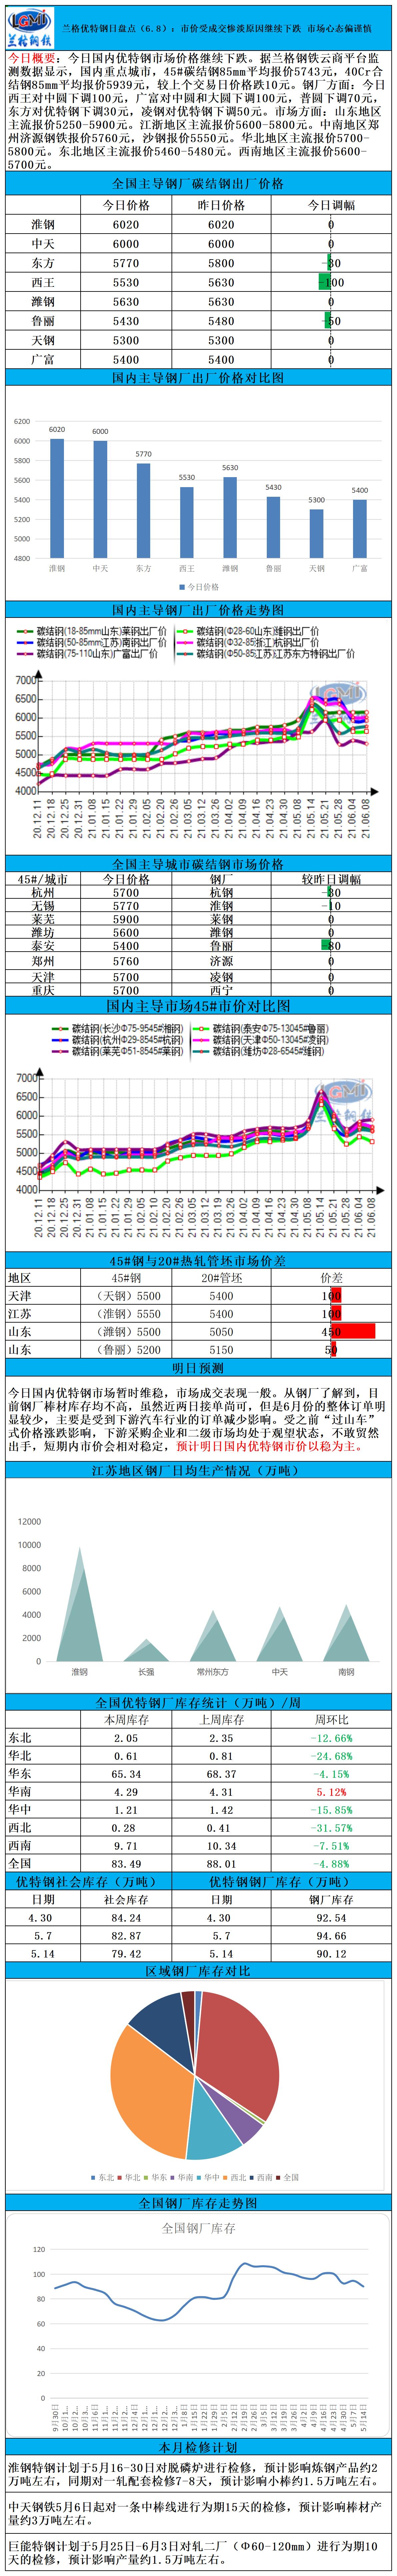 兰格优特钢日盘点:市场受成交惨淡影响继续跌 市场心态偏谨慎